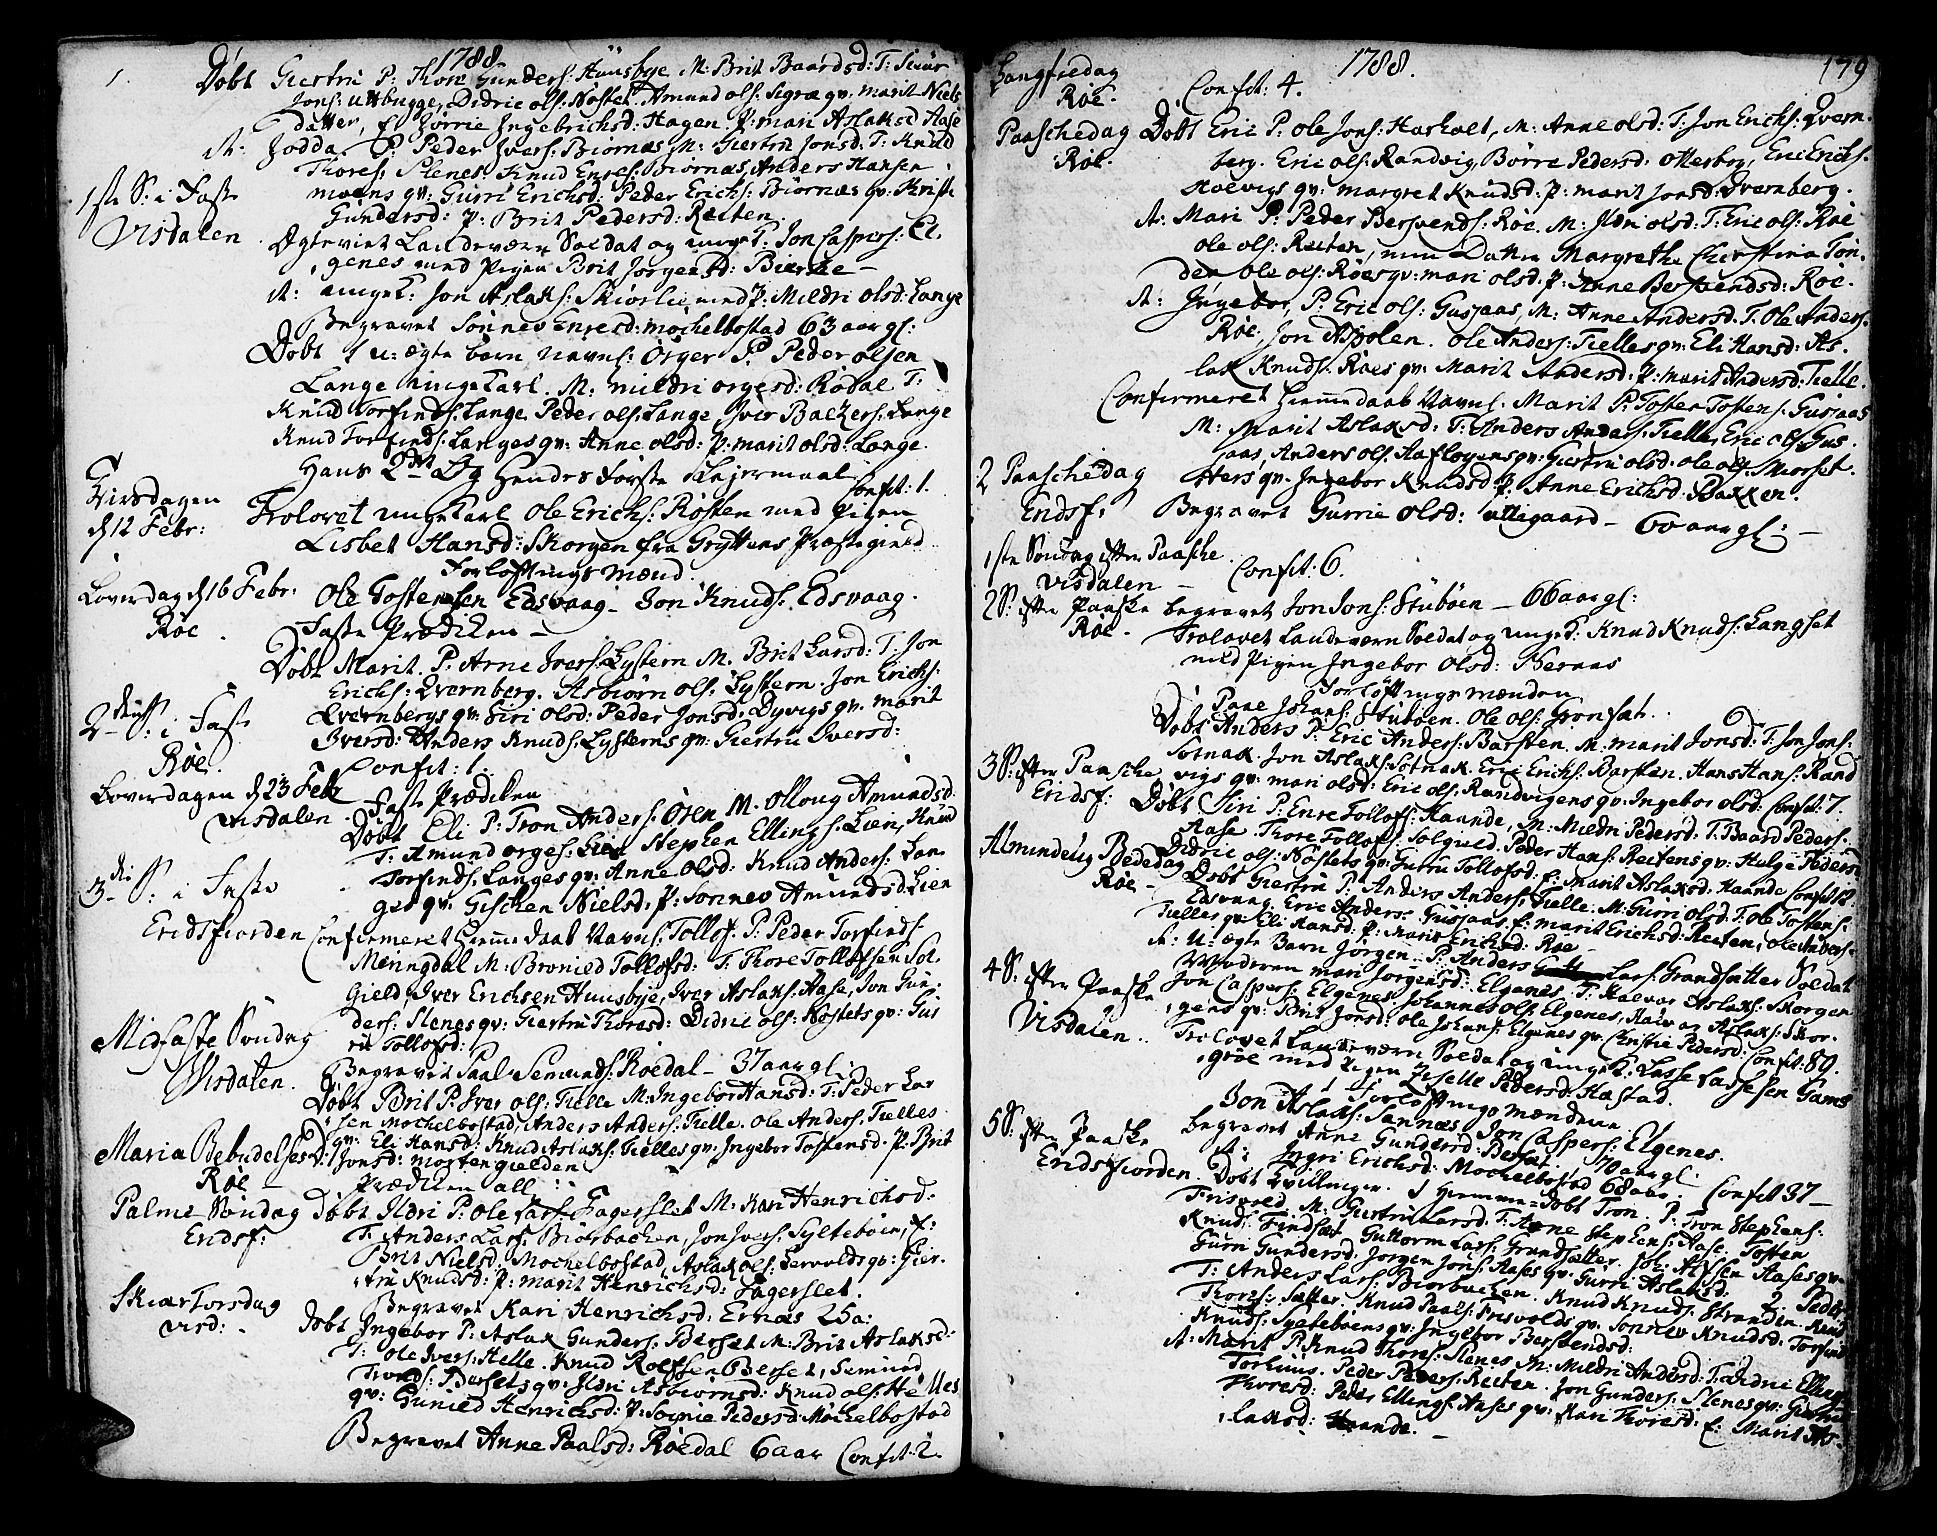 SAT, Ministerialprotokoller, klokkerbøker og fødselsregistre - Møre og Romsdal, 551/L0621: Ministerialbok nr. 551A01, 1757-1803, s. 179